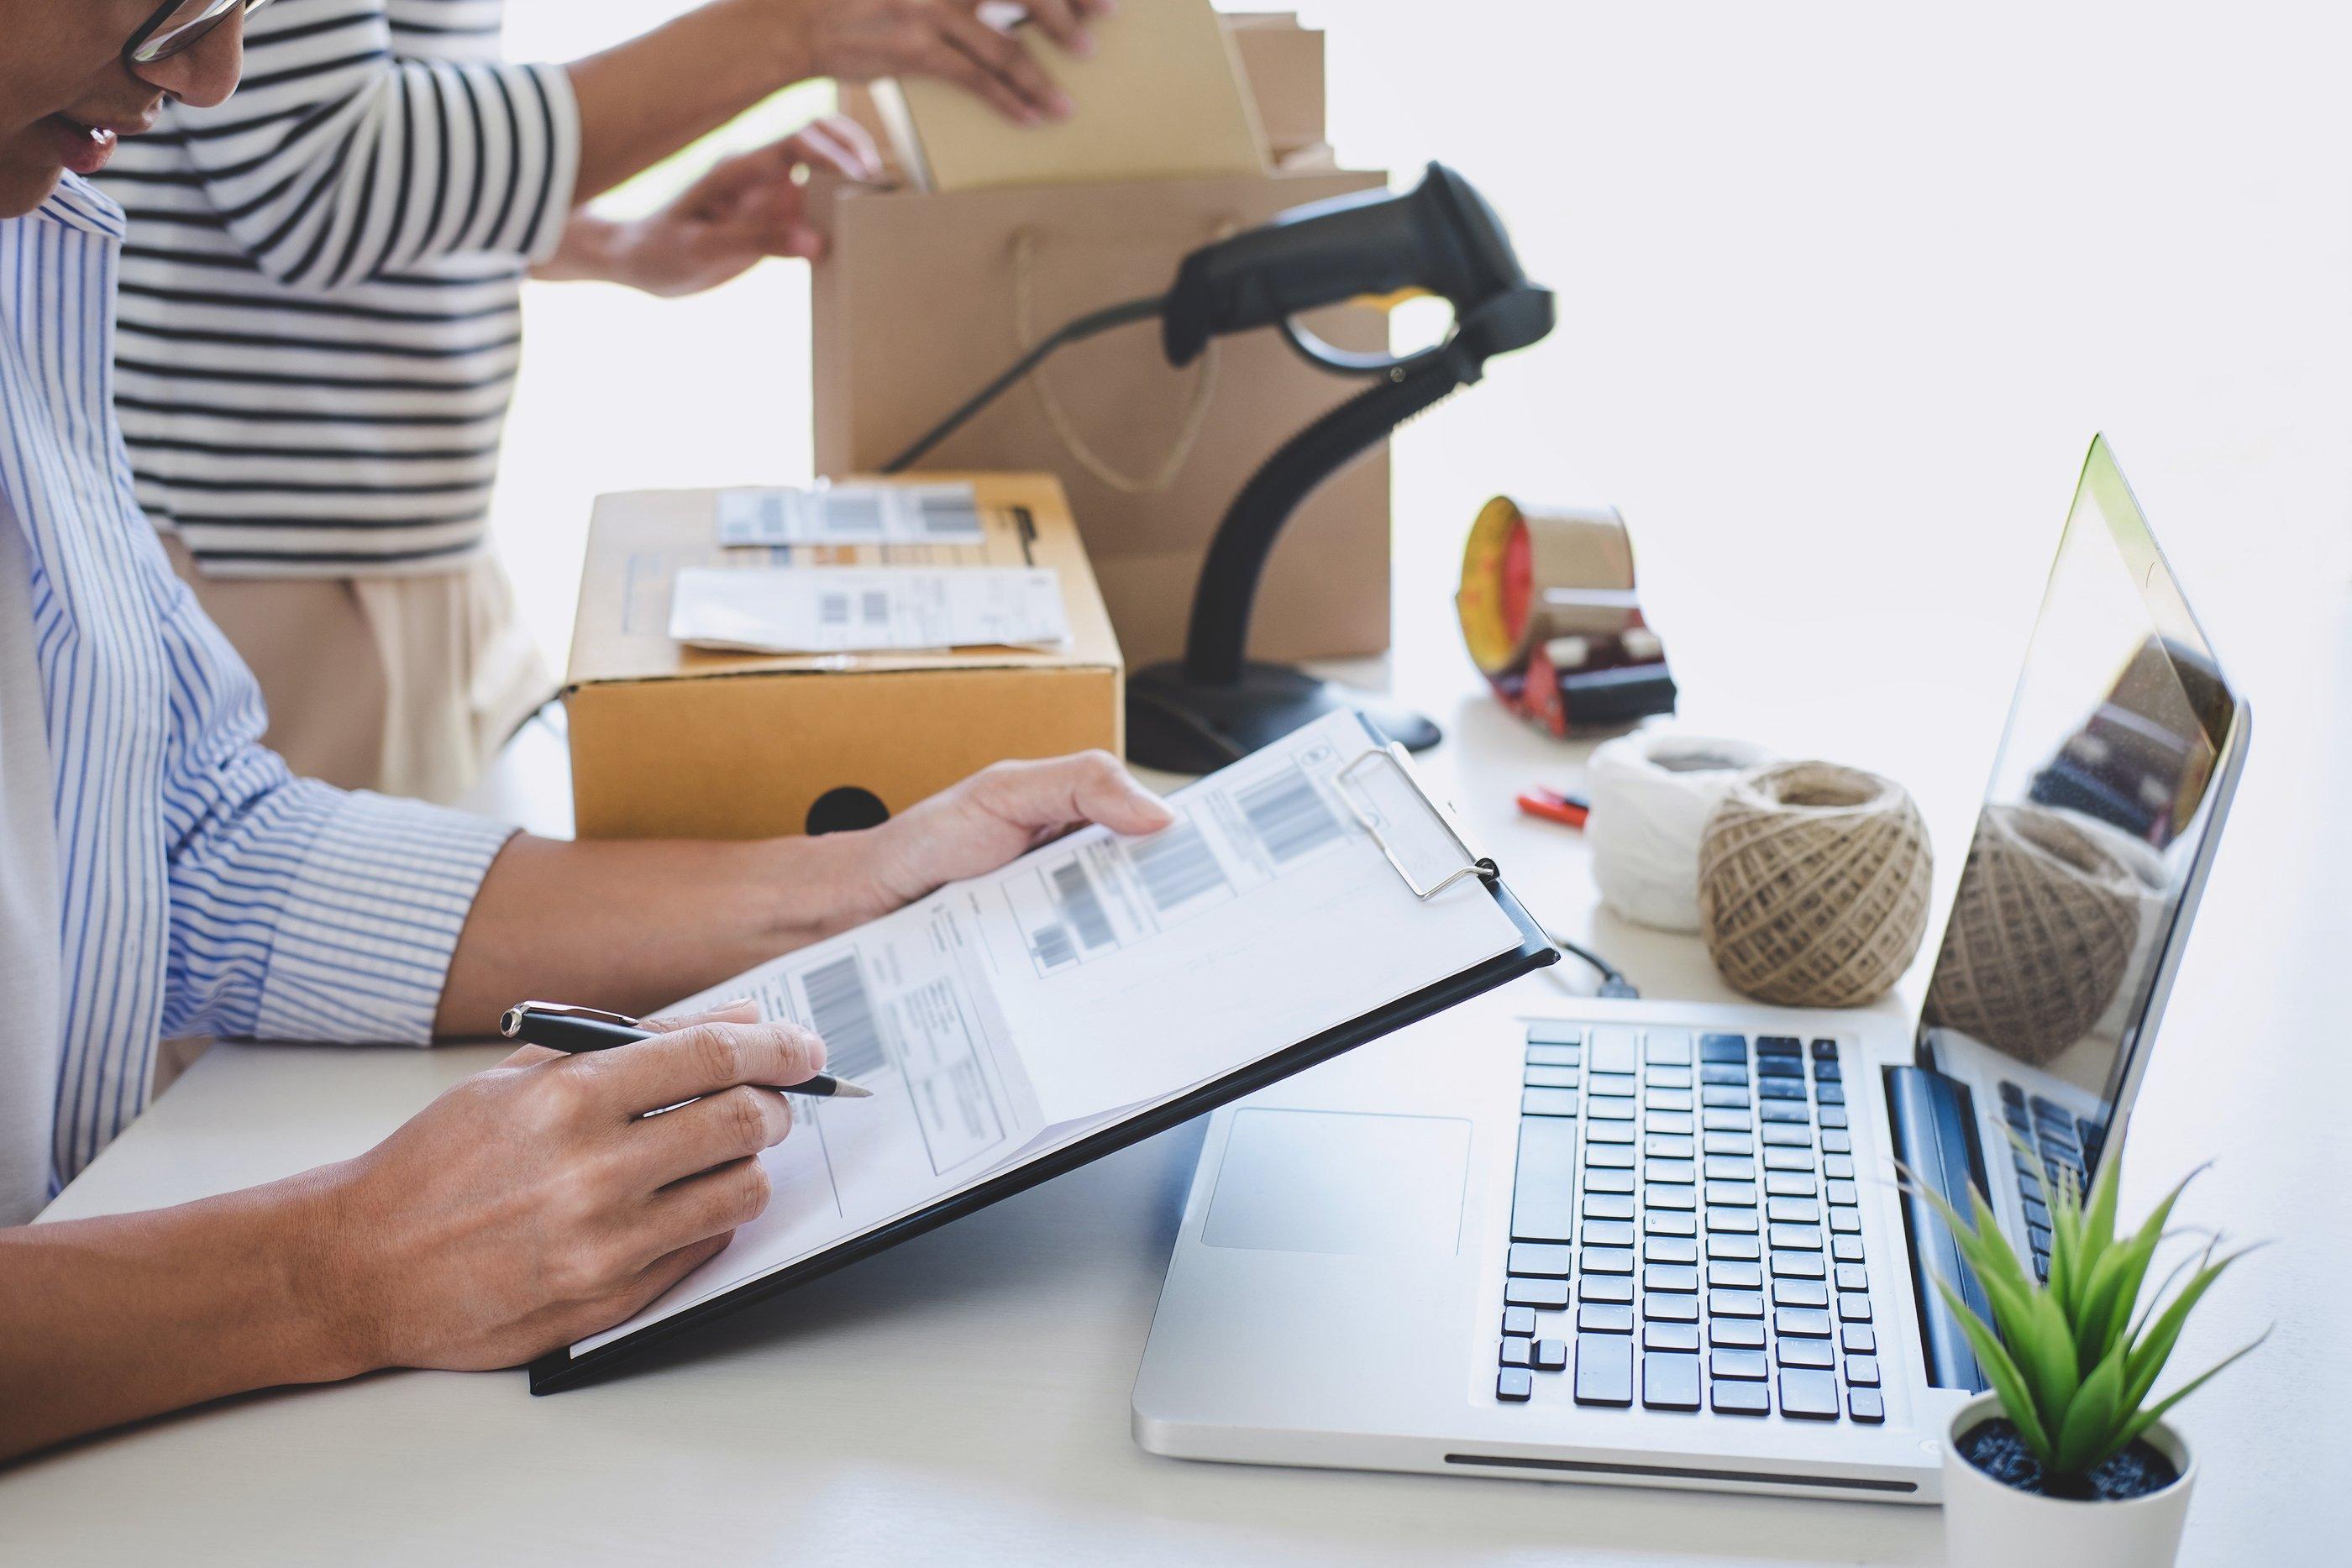 bigstock-Shipment-Online-Sales-Small-B-289515274